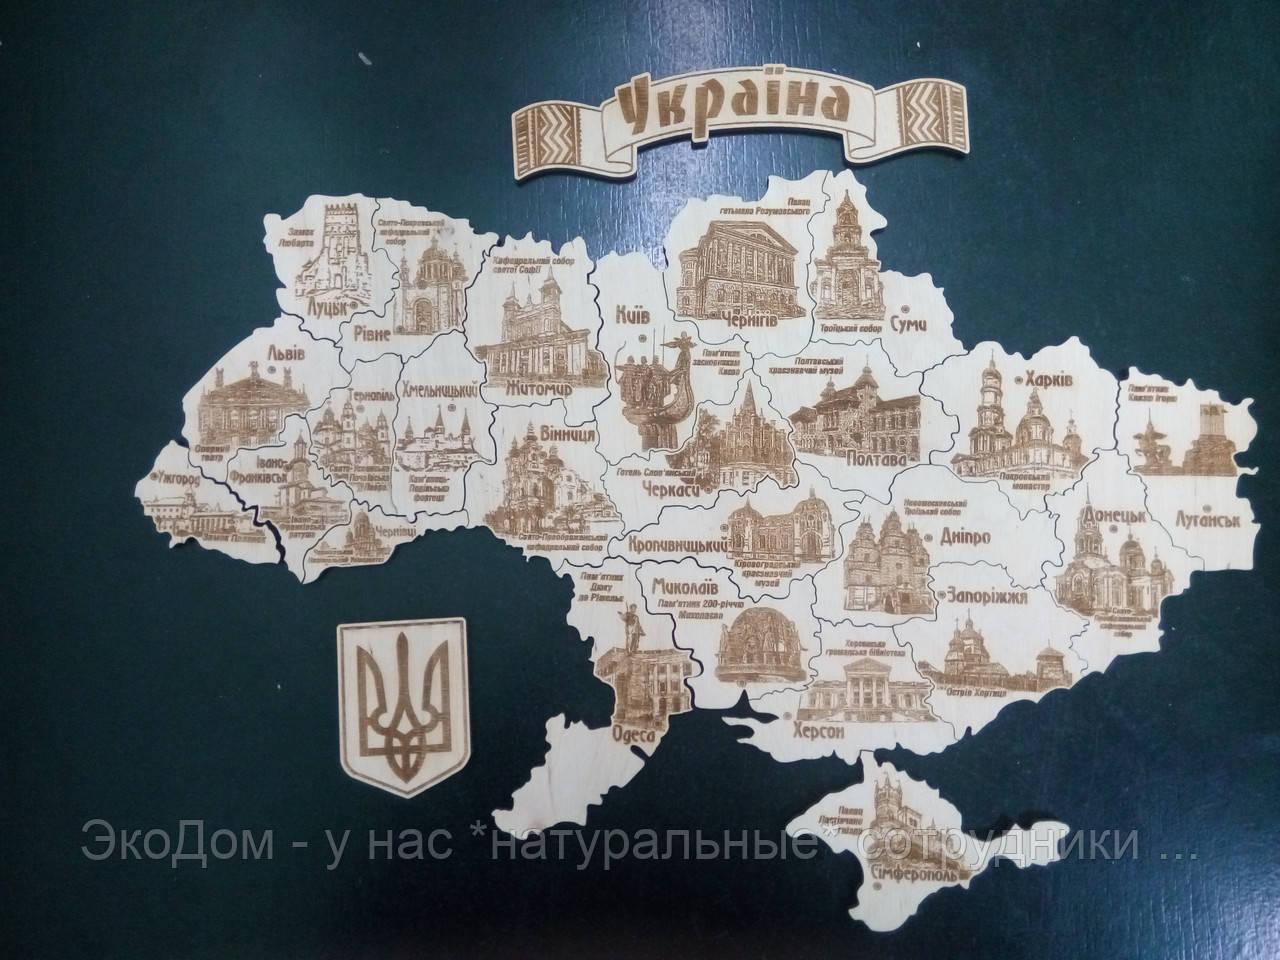 Карта пазл на магнитах, Украина.